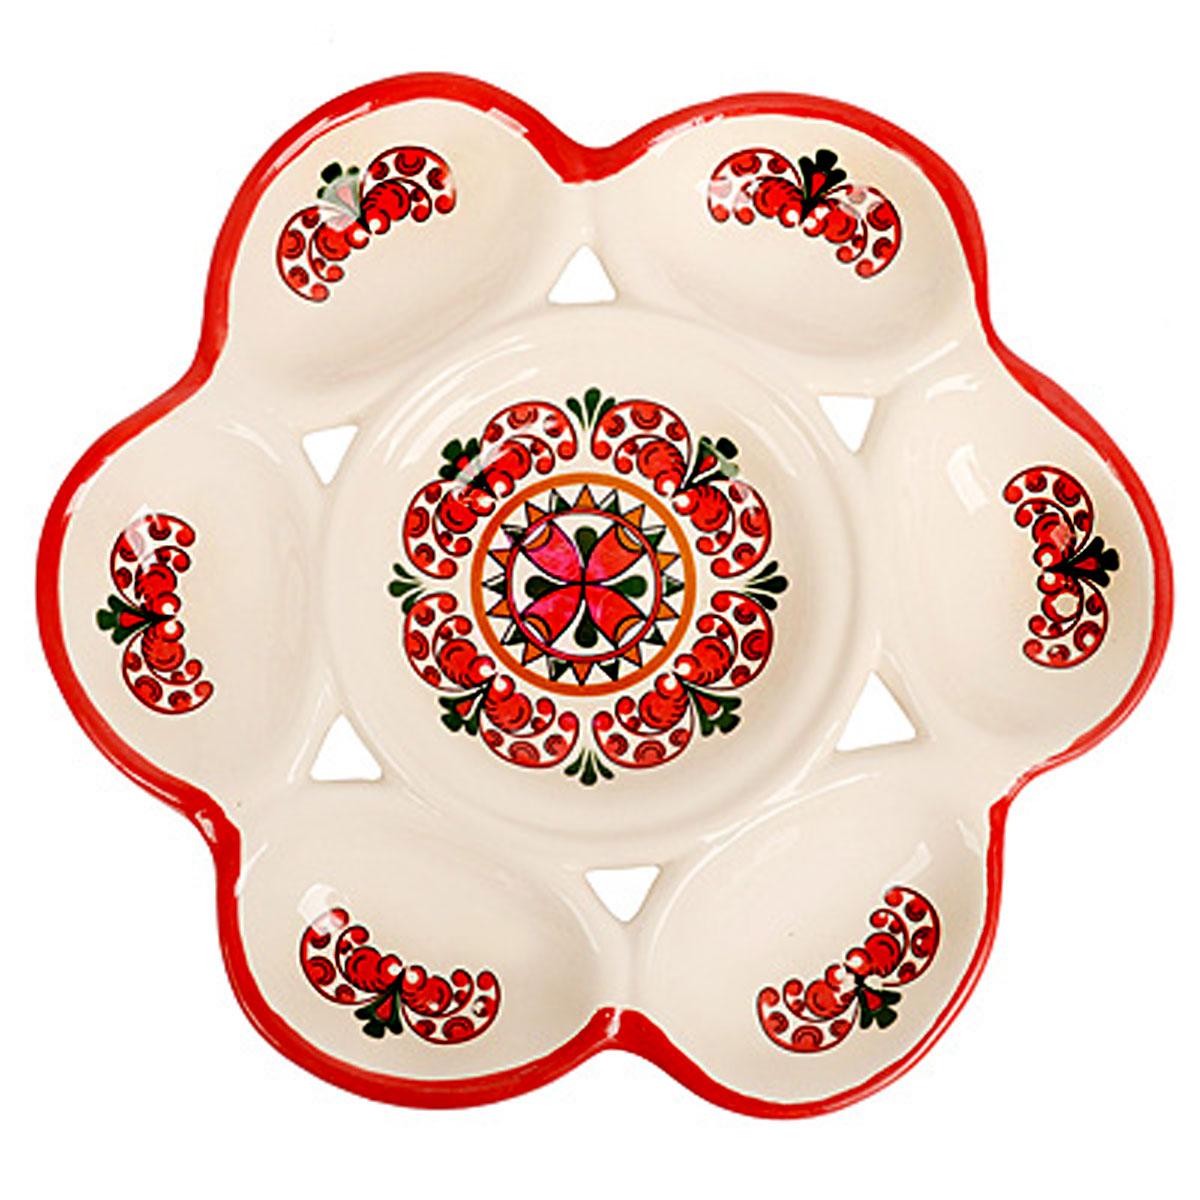 Подставка под яйца Home Queen Элегантная, цвет: белый, красный, 6 ячеек подставка под яйца home queen цвет желтый оранжевый 2 ячейки